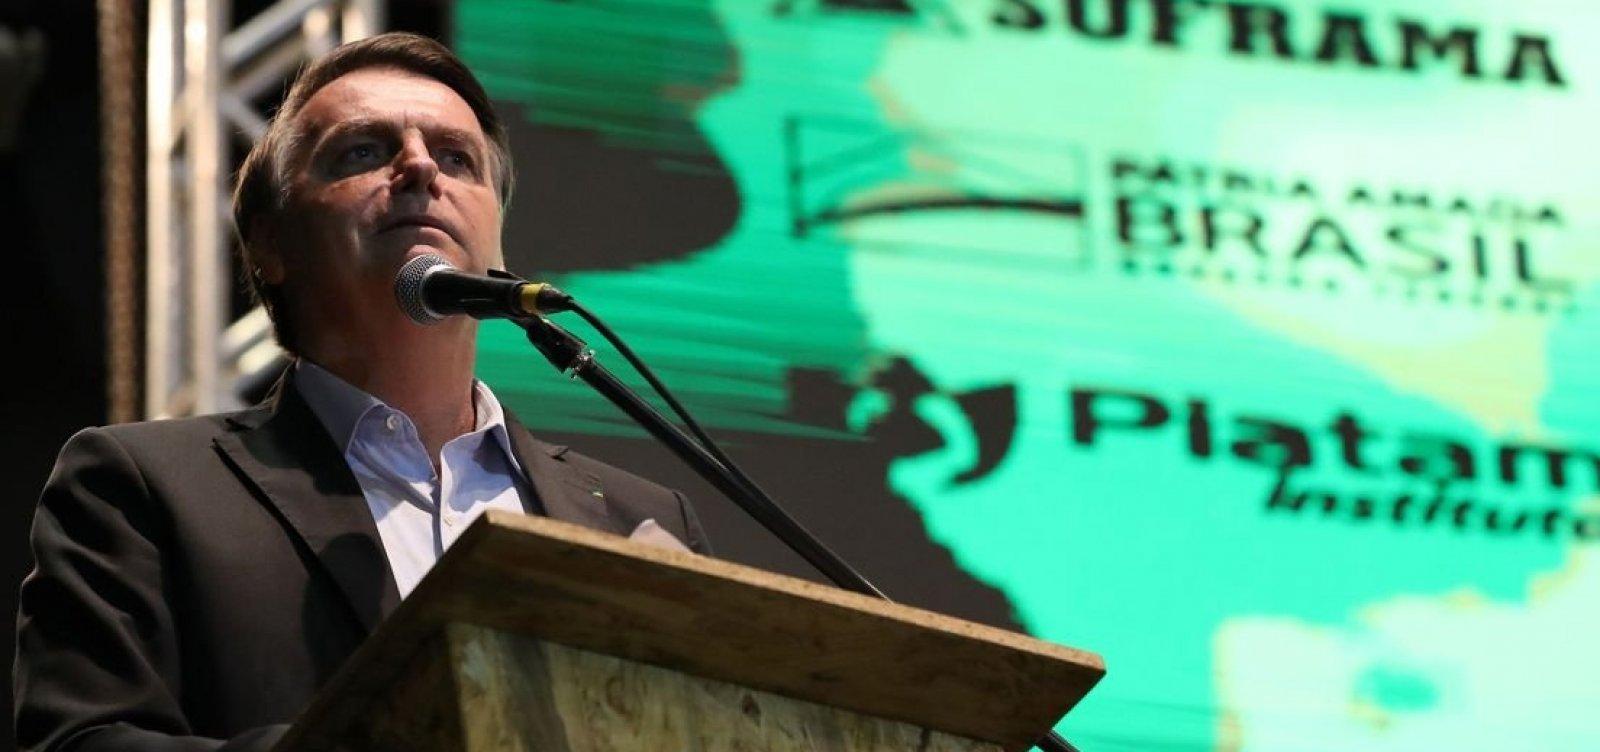 Brasil vai manter relação pragmática com Argentina, afirma Bolsonaro